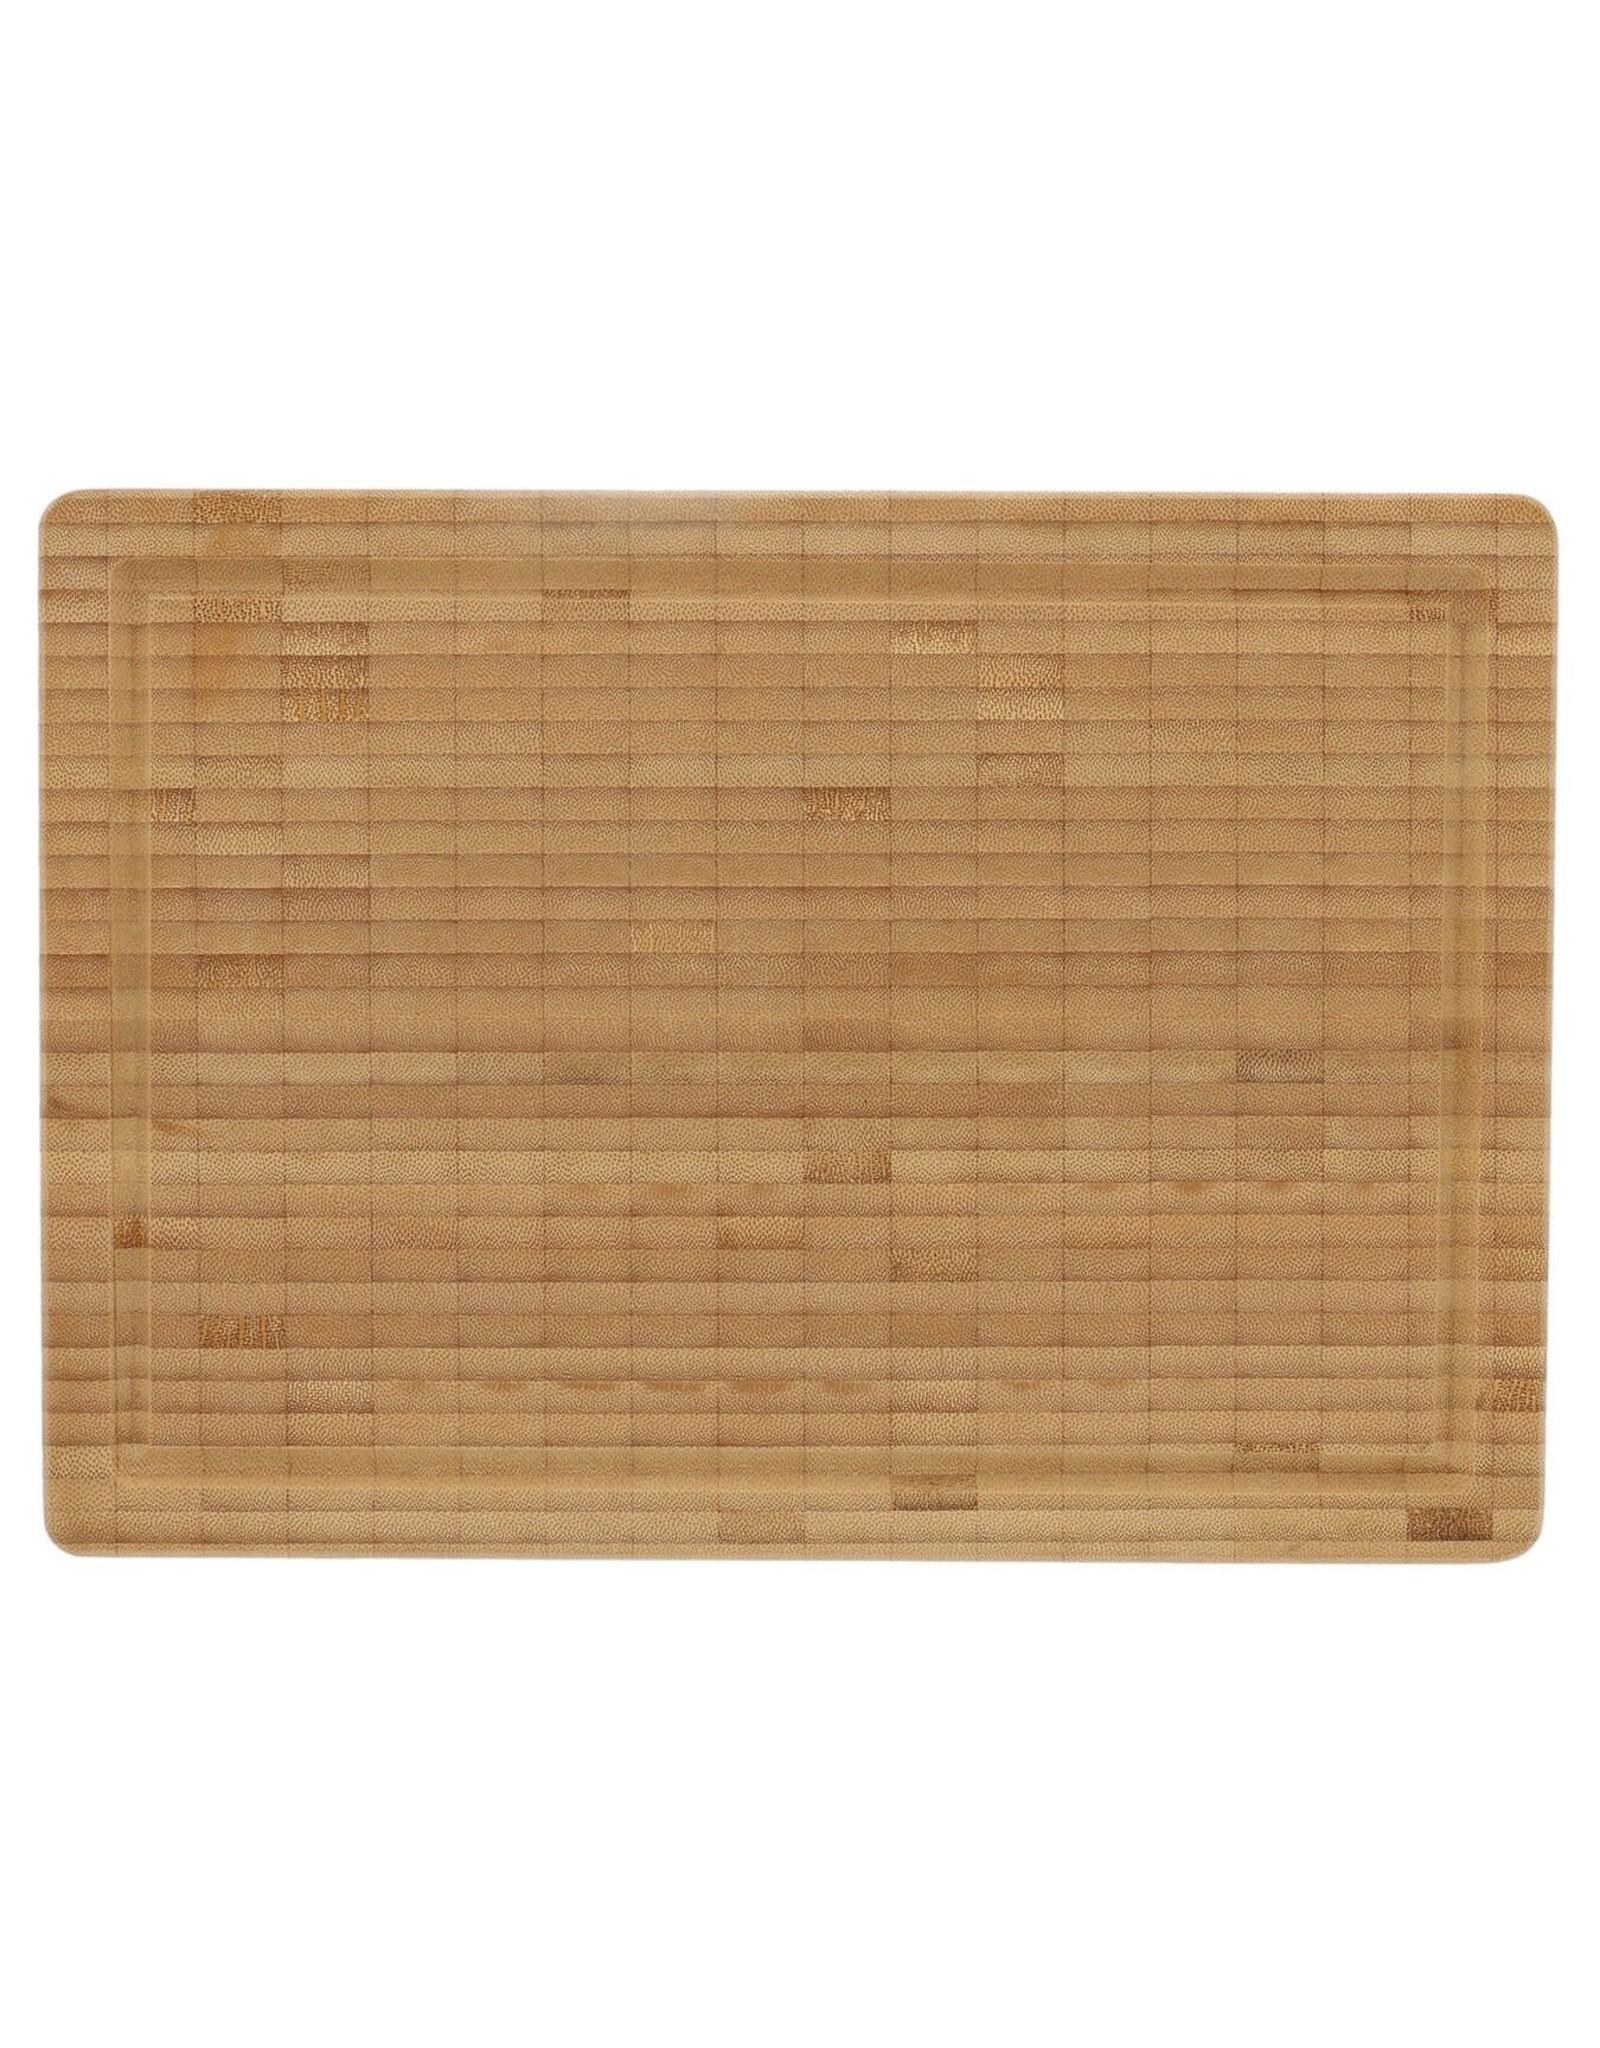 Zwilling ZWILLING Snijplank - Bamboe - Middelgroot - 355 x 30 x 250 mm